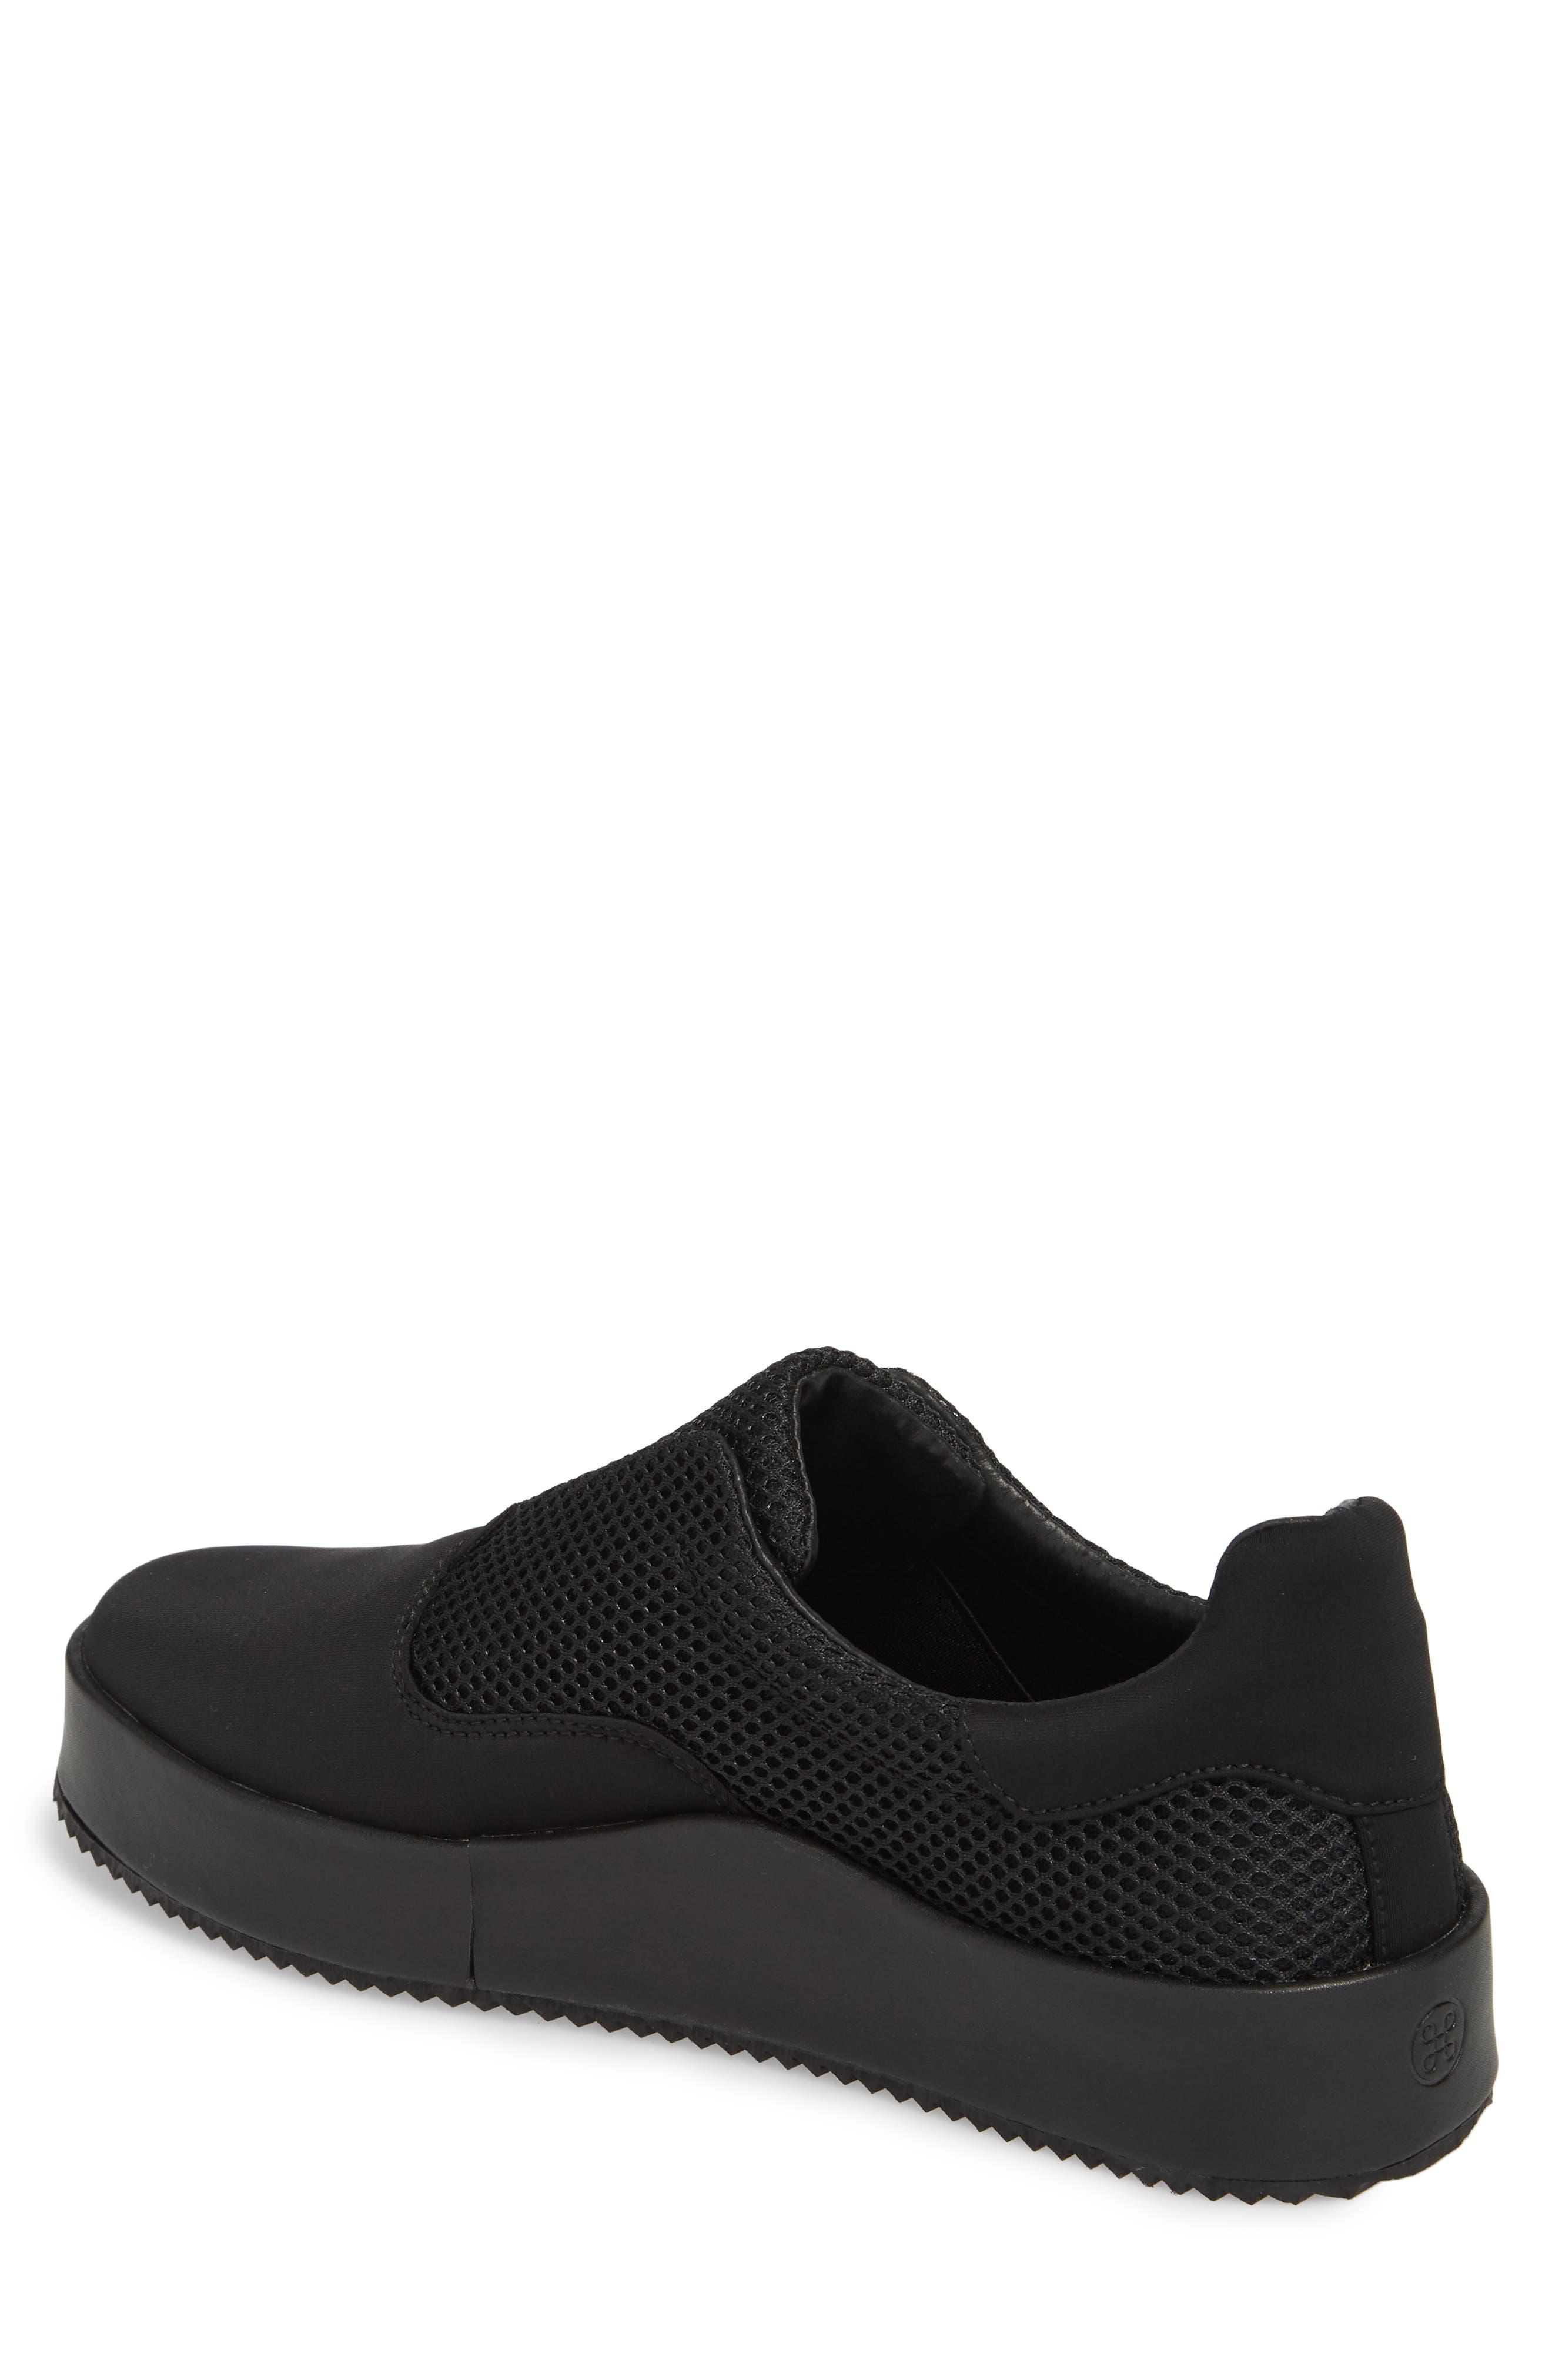 Core Neoprene Skater Laceless Sneaker,                             Alternate thumbnail 2, color,                             Black Neoprene Fabric